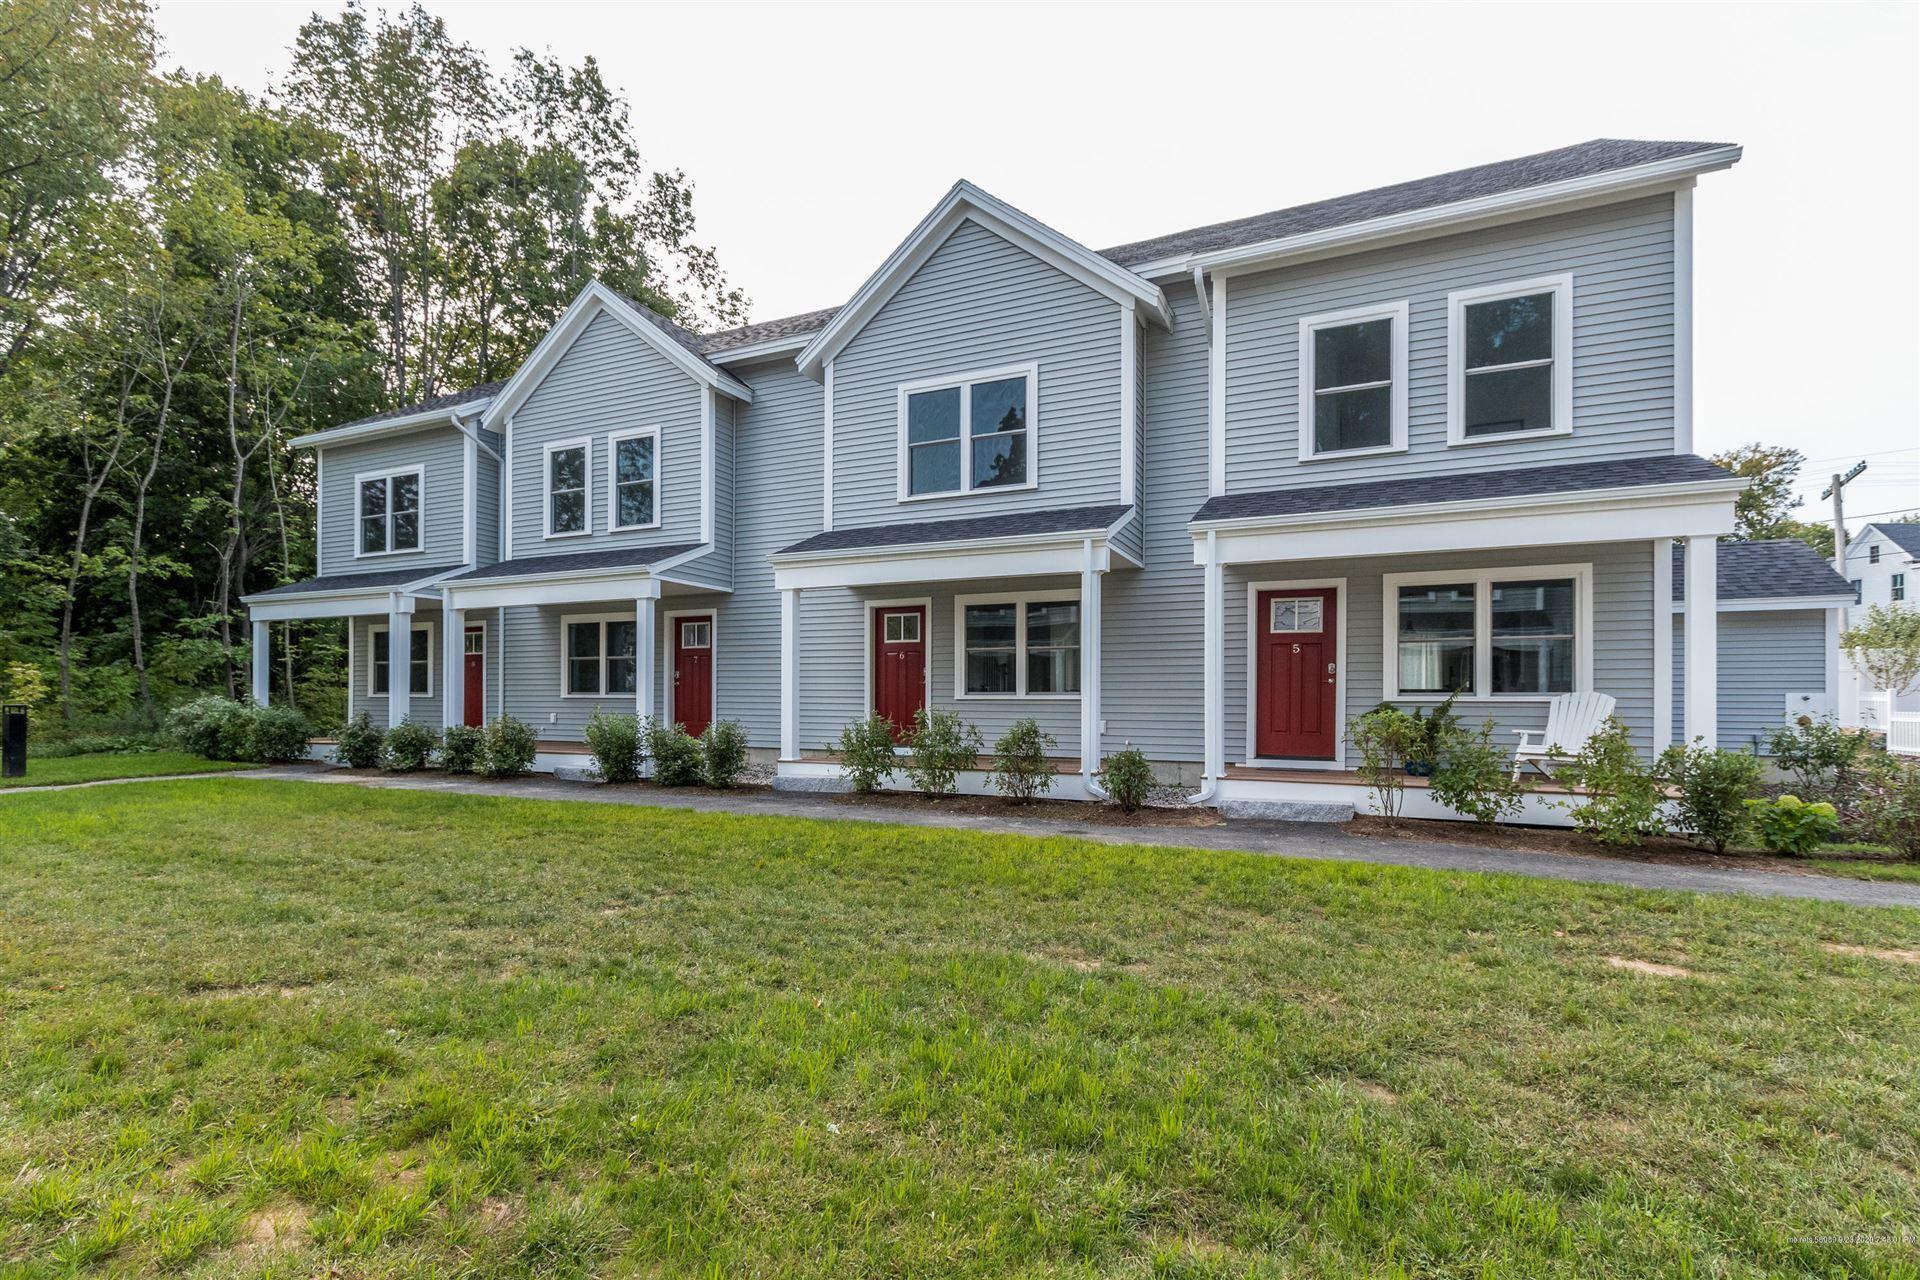 Photo of 52 Seavey Street #5, Westbrook, ME 04092 (MLS # 1470054)